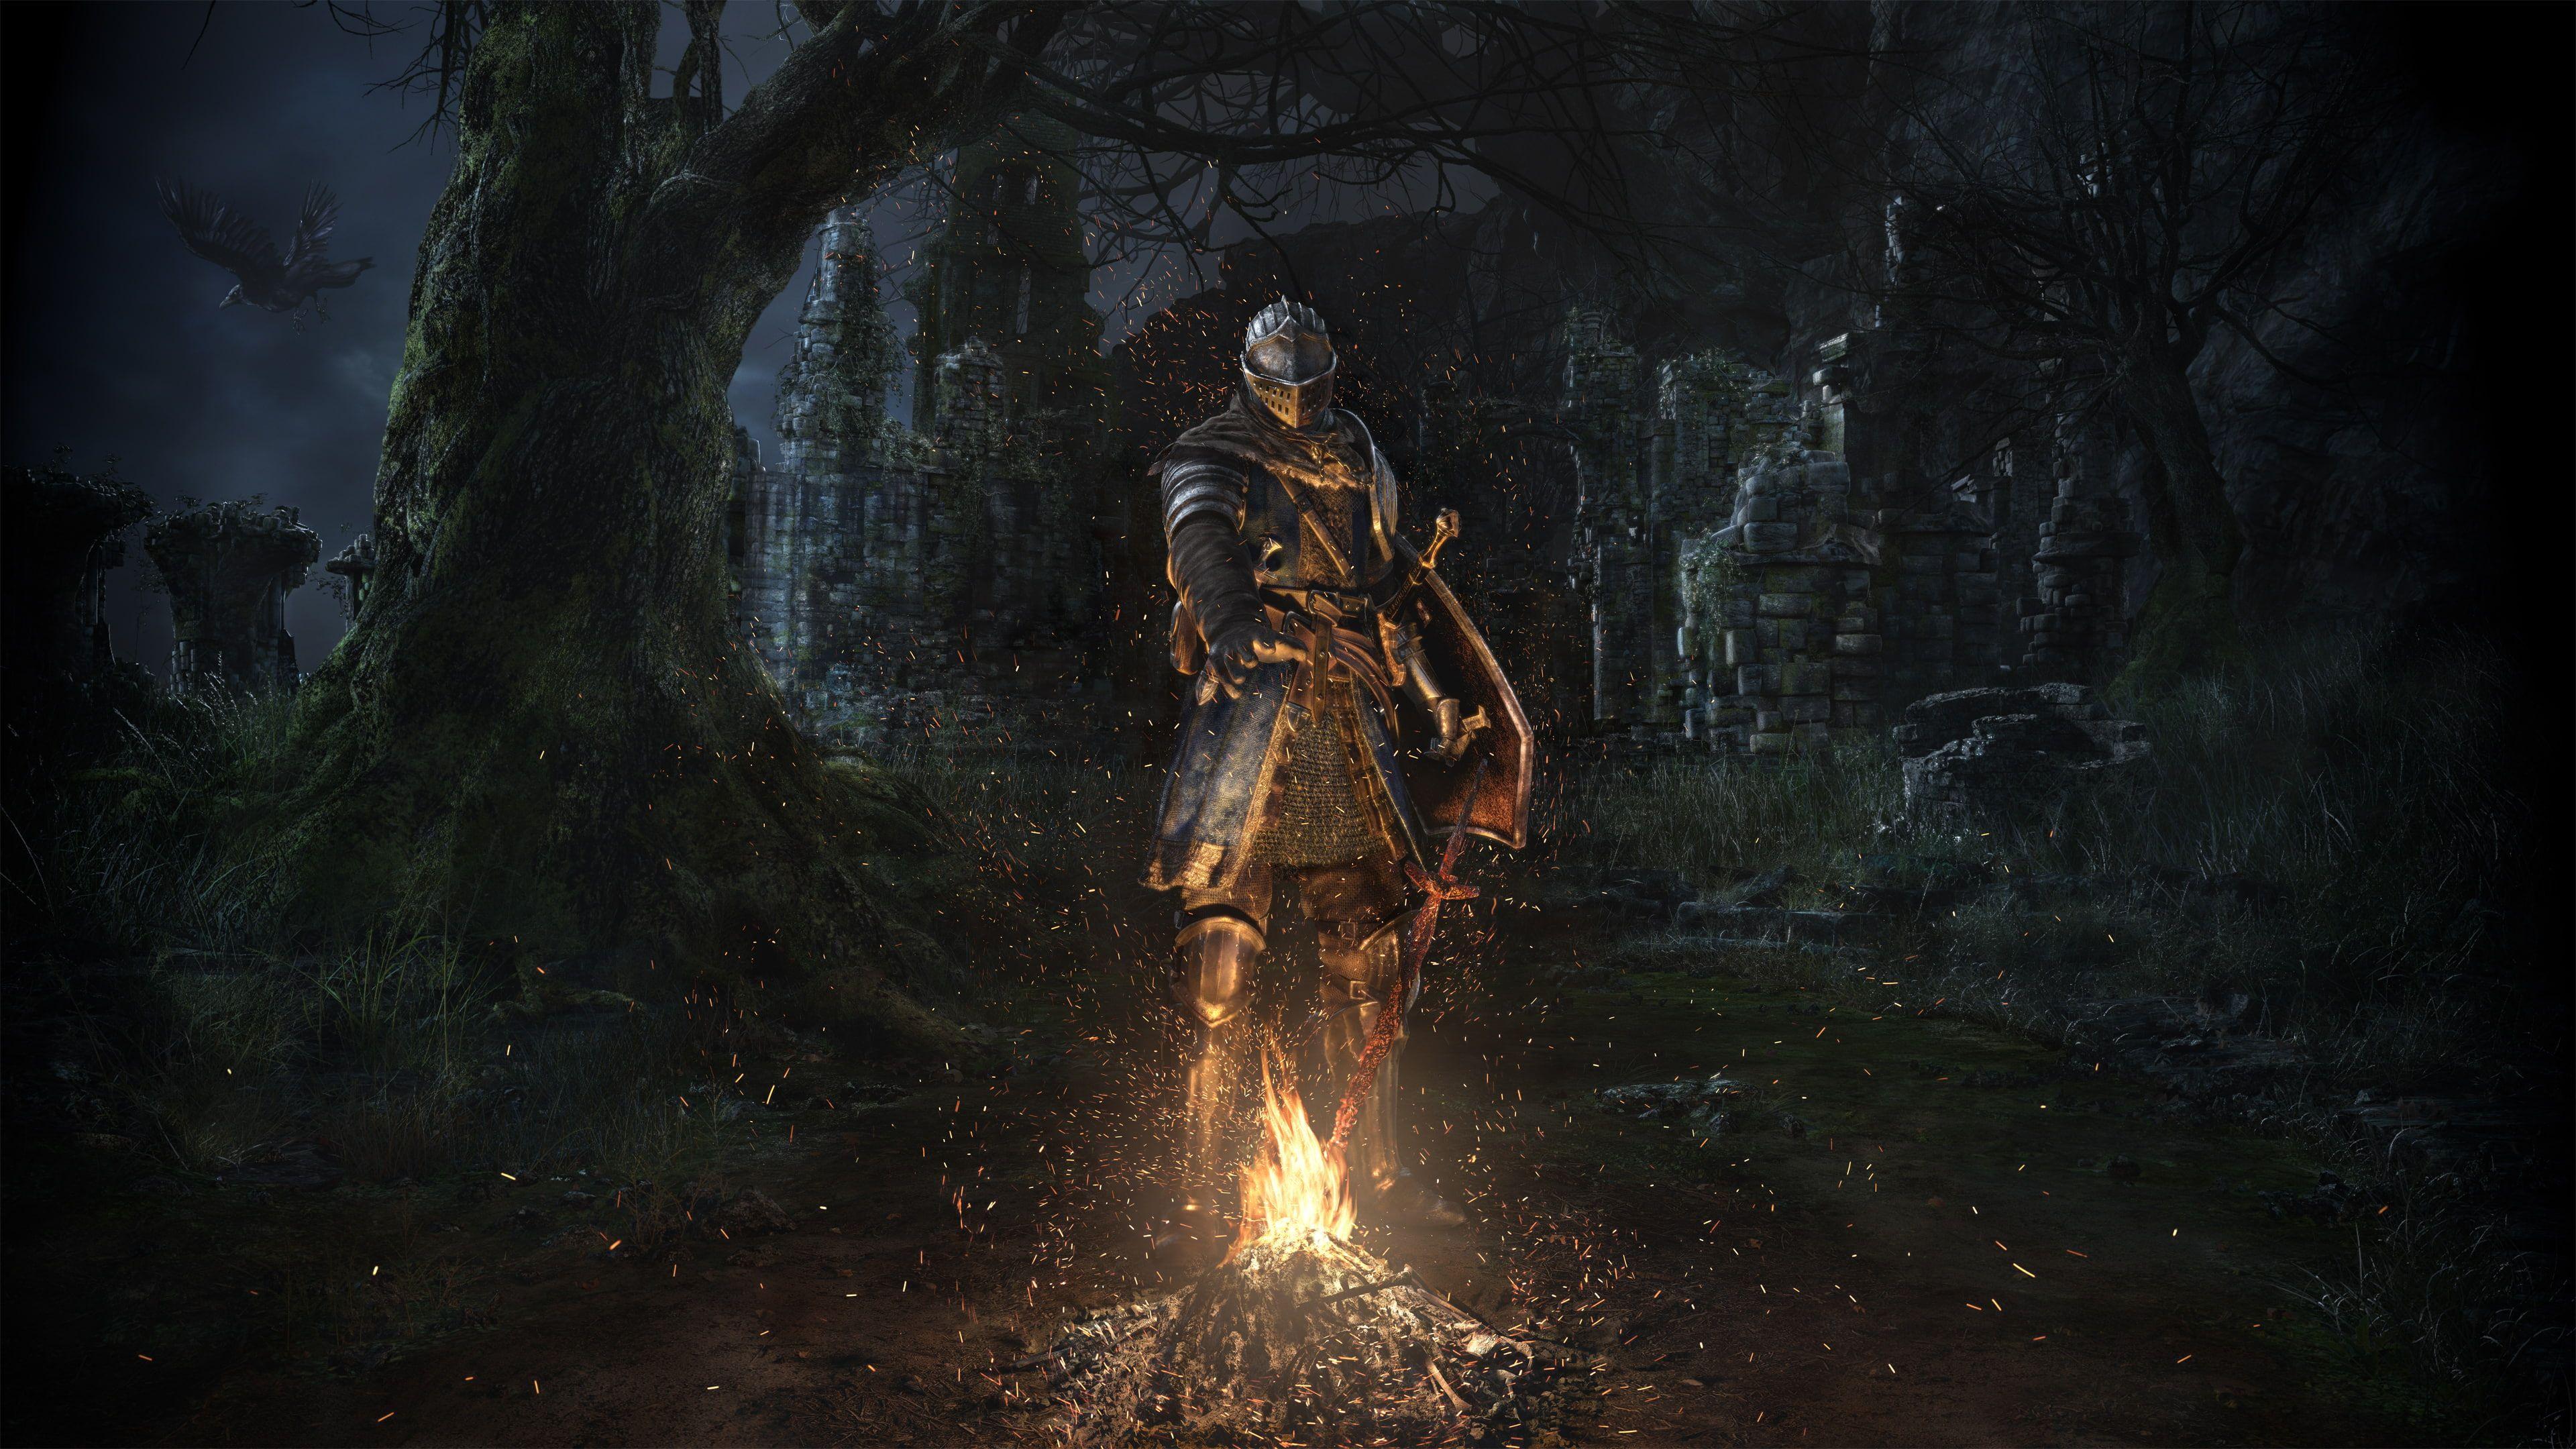 4k Xbox One Pc Dark Souls Remastered 2018 Ps4 4k Wallpaper Hdwallpaper Desktop In 2020 Dark Souls Hd Wallpaper 4k Dark Wallpaper